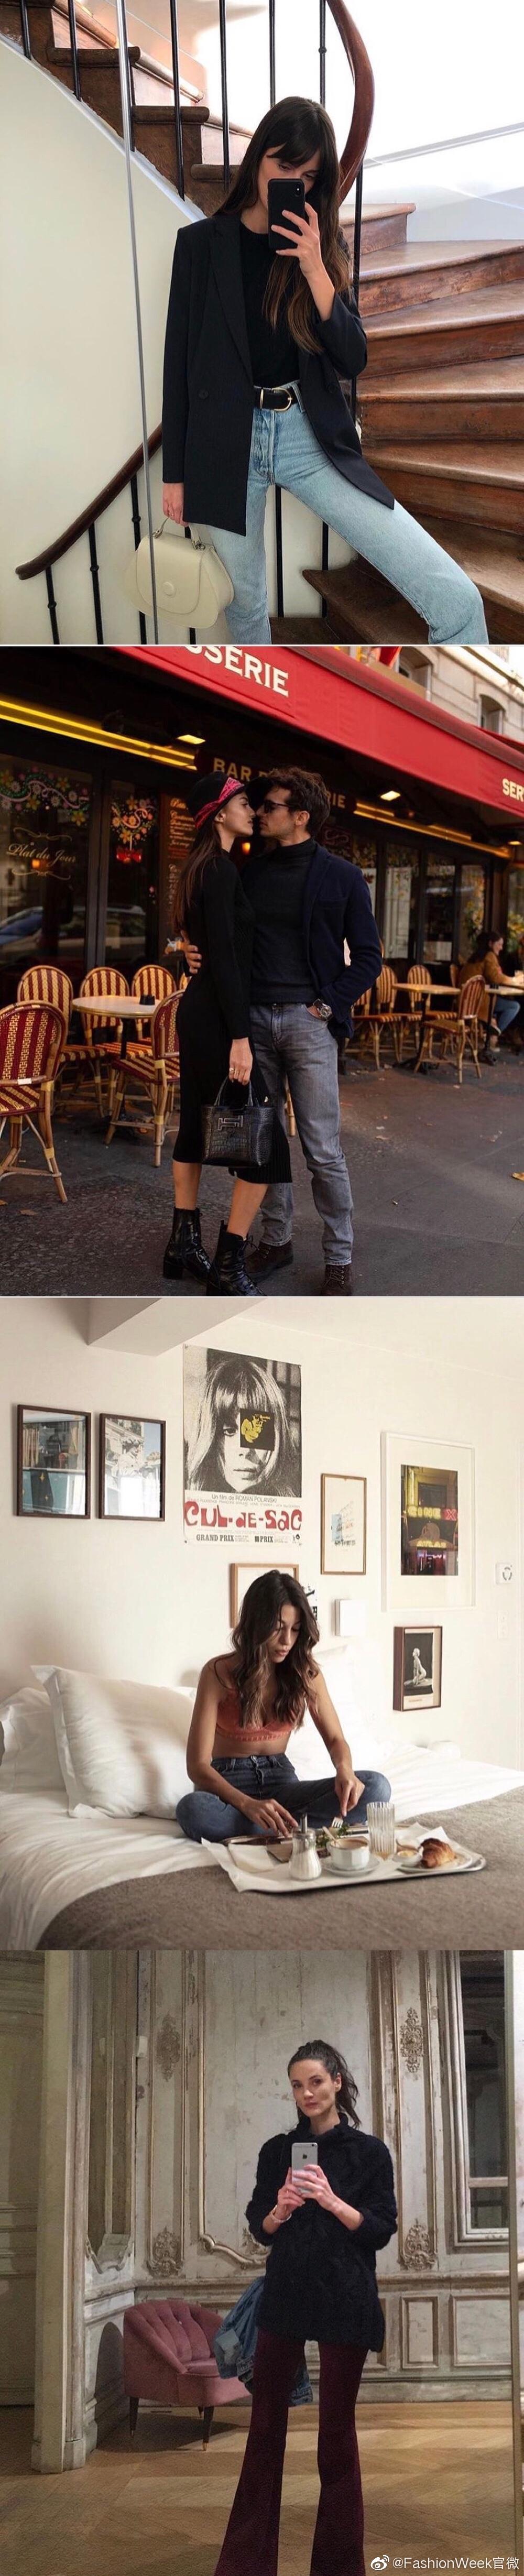 法国博主的私服日常,舒适浪漫的法式风情穿搭合集